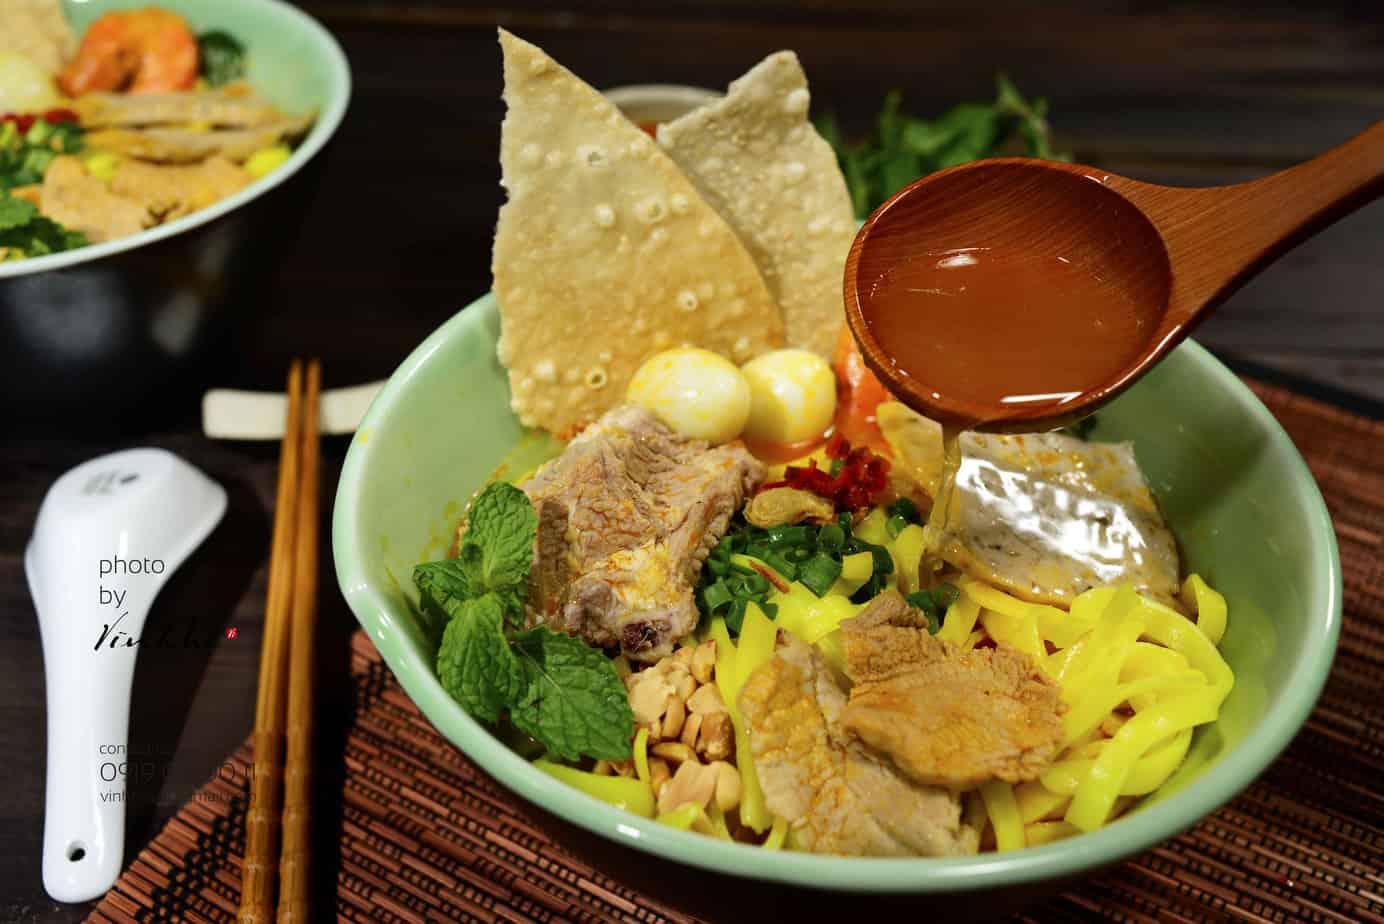 Top 10 Cửa Hàng Bán Mì Quảng Ngon, Nổi Tiếng Ở Đà Nẵng - cửa hàng mỳ quảng ngon ở đà nẵng - Đà Nẵng | Mì Quảng 1A | Mì Quảng Bà Lữ 22